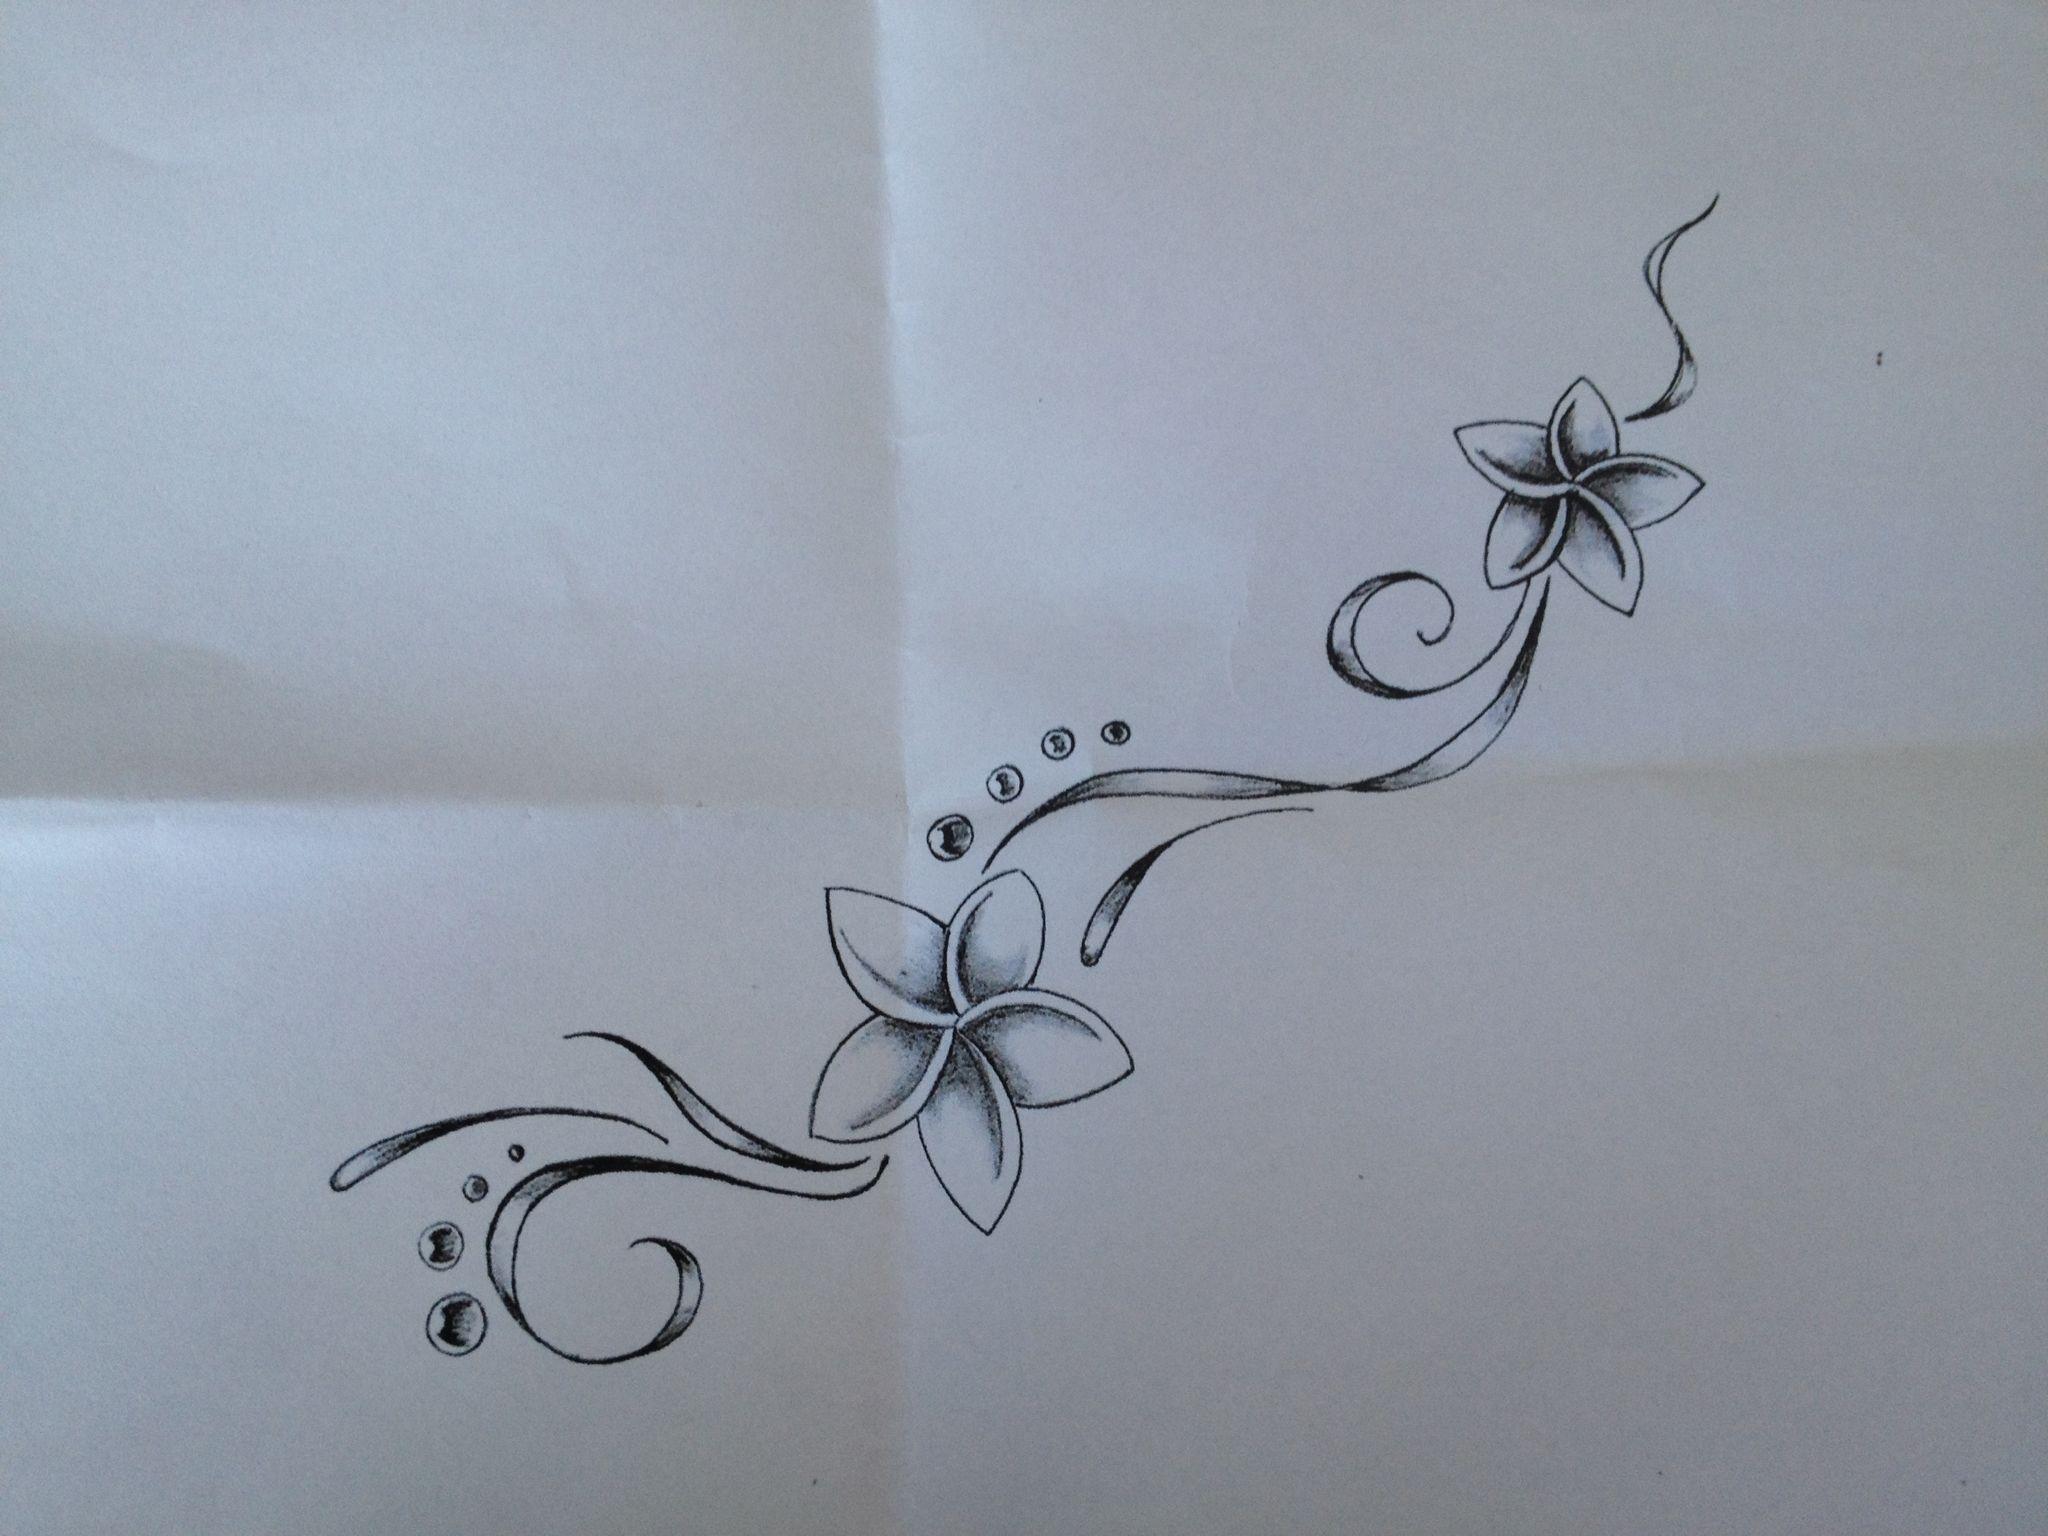 Ce tattoo sera bientot grave sur mon pied et ma cheville - Fleur tatouage dessin ...